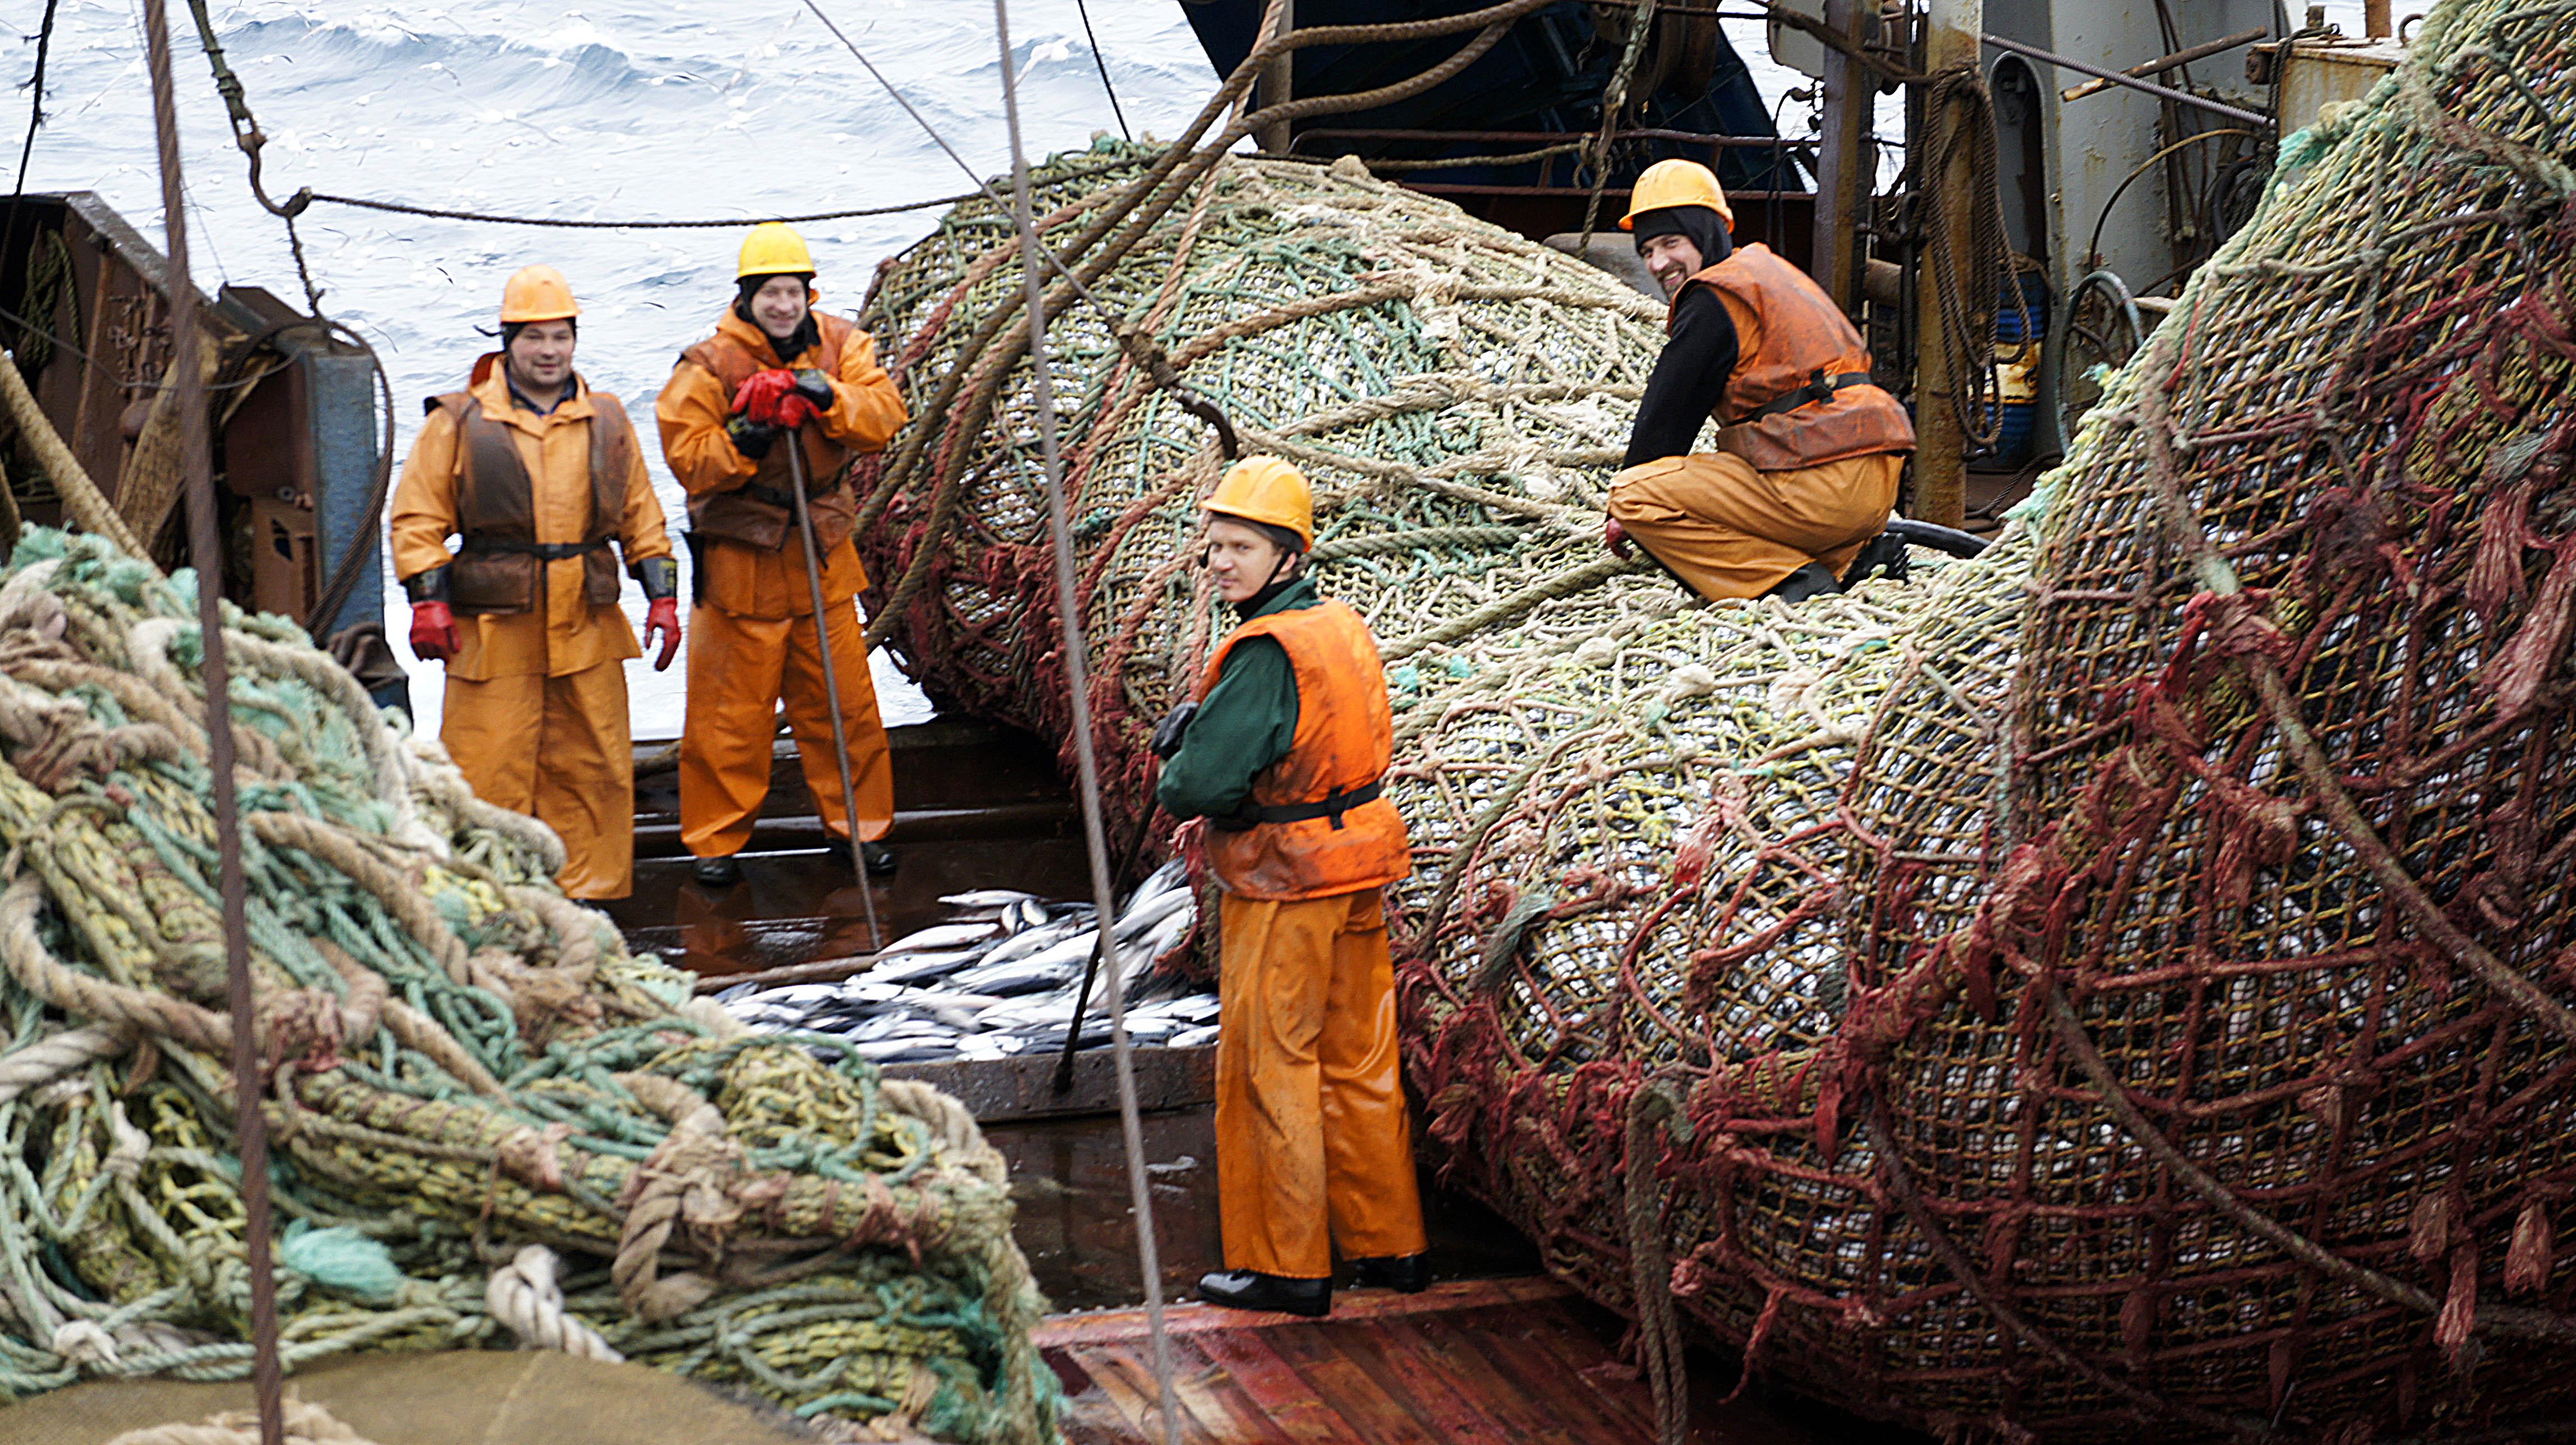 промышленная рыбалка в океане